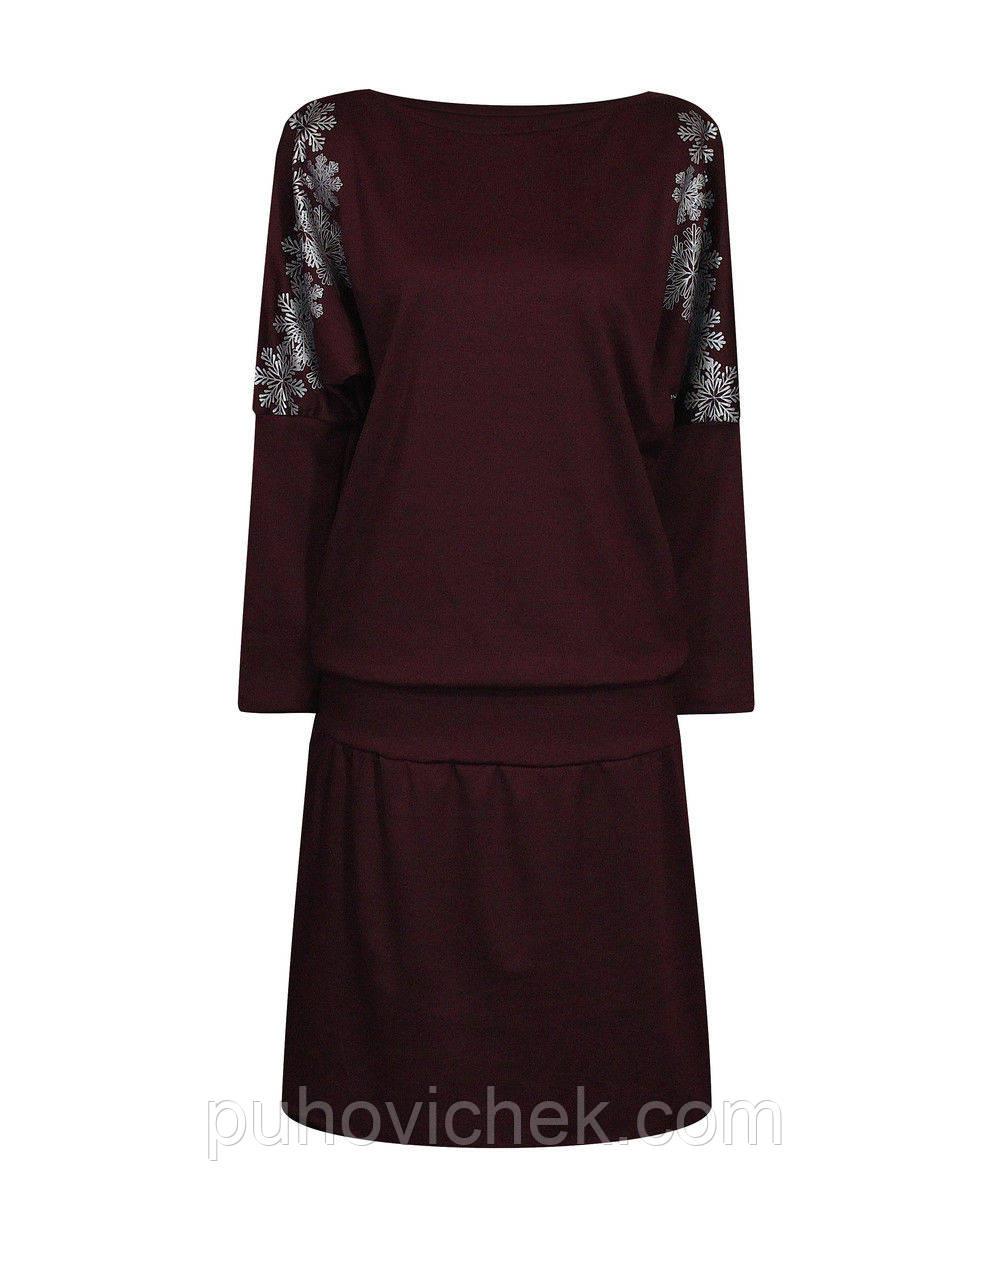 Платье женское длинный рукав